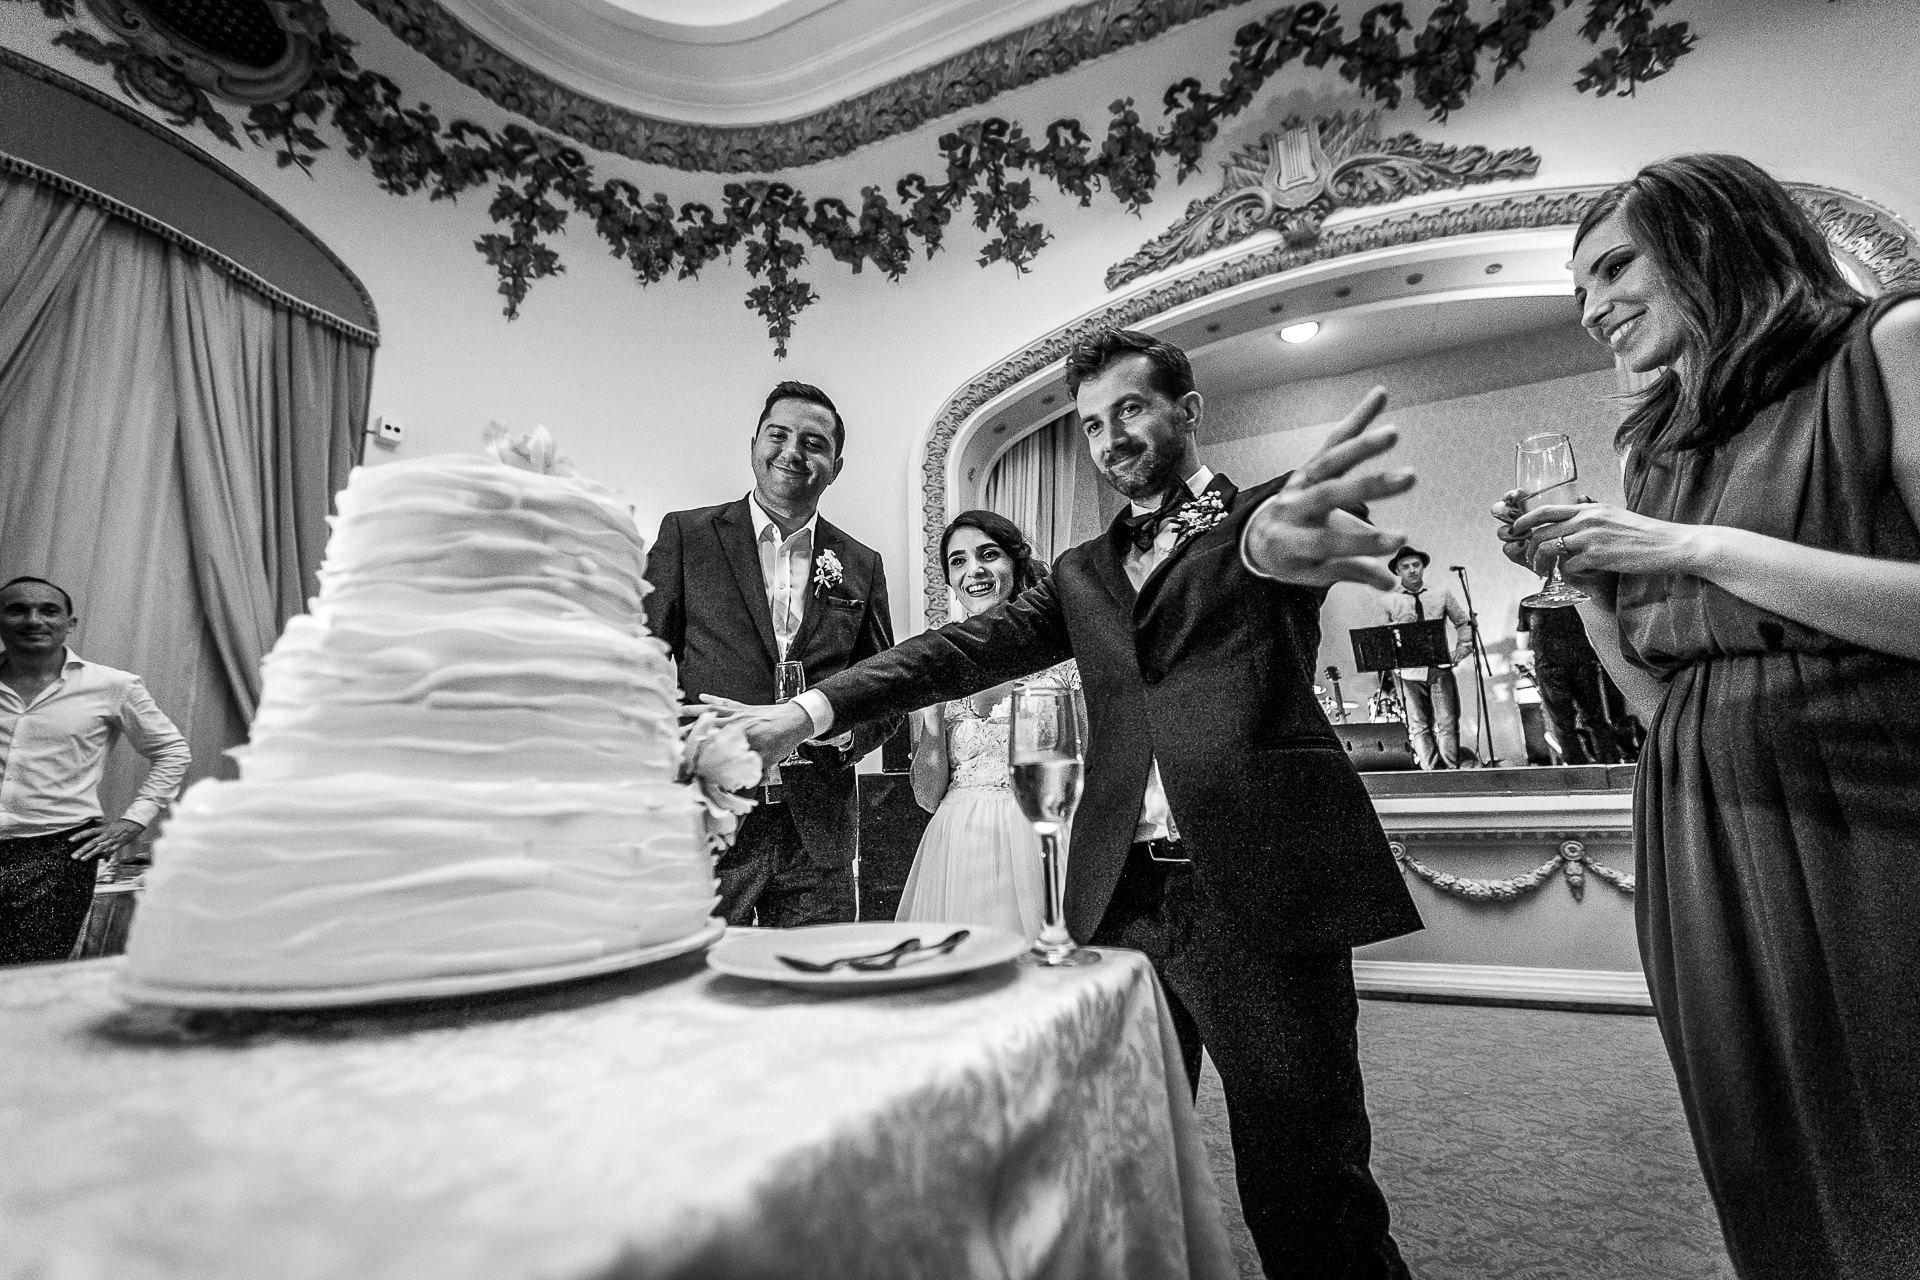 nuntă Salon Elisabeta - Elena şi Costin - Mihai Zaharia Photography - 103